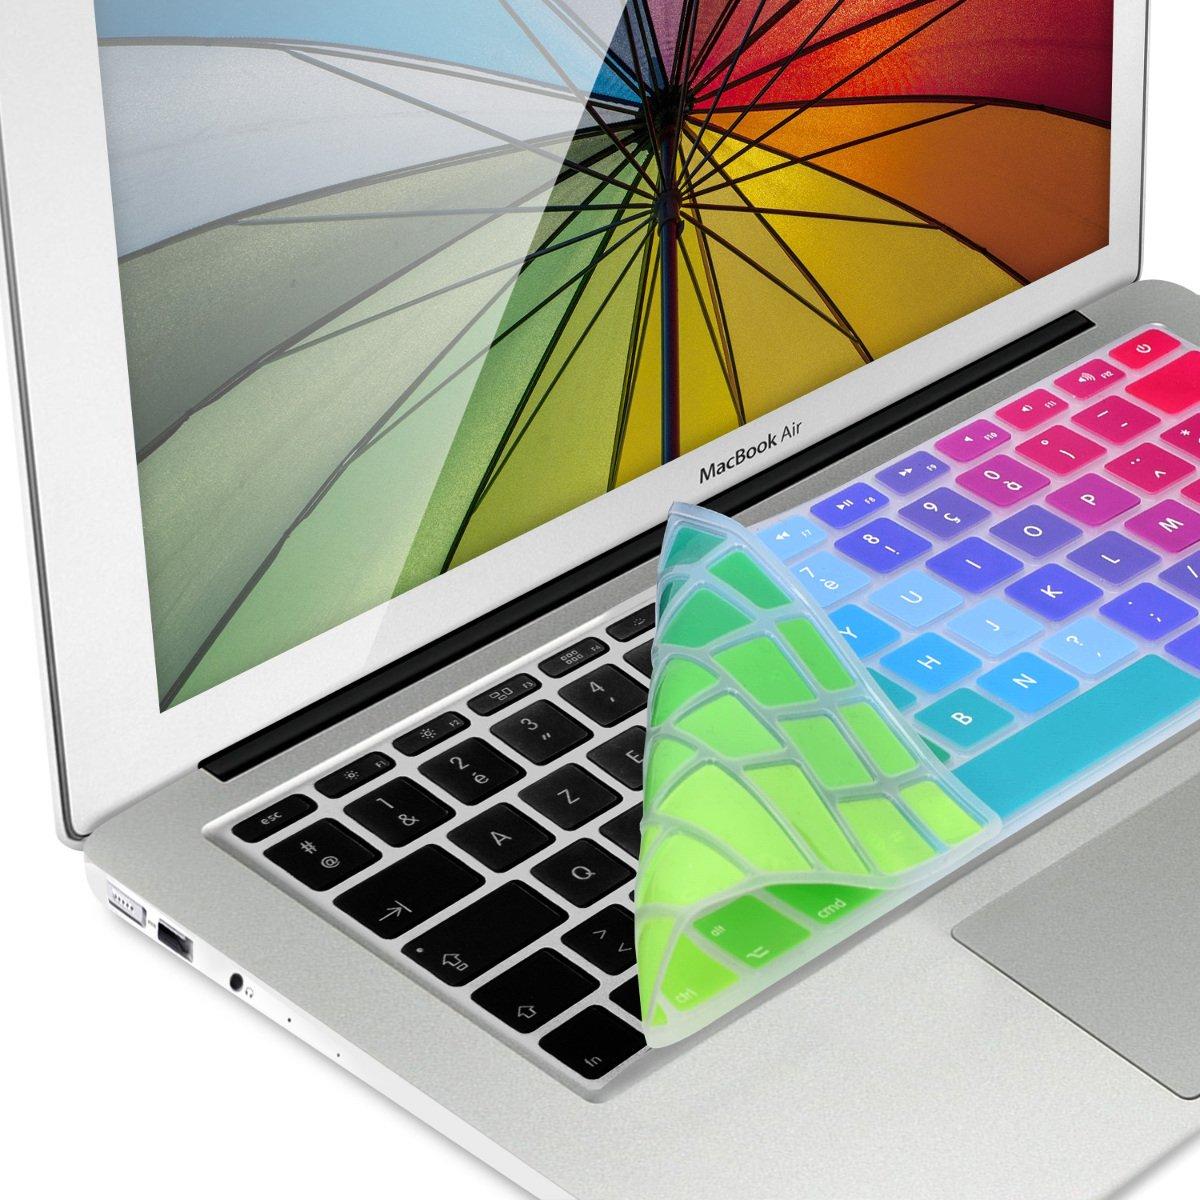 kwmobile Protection pour Clavier en Silicone AZERTY (France, Belgique) pour Apple MacBook Air 13''/ Pro Retina 13''/ 15'' (à mi 2016) Bleu foncé KW-Commerce 37223.17_m000108